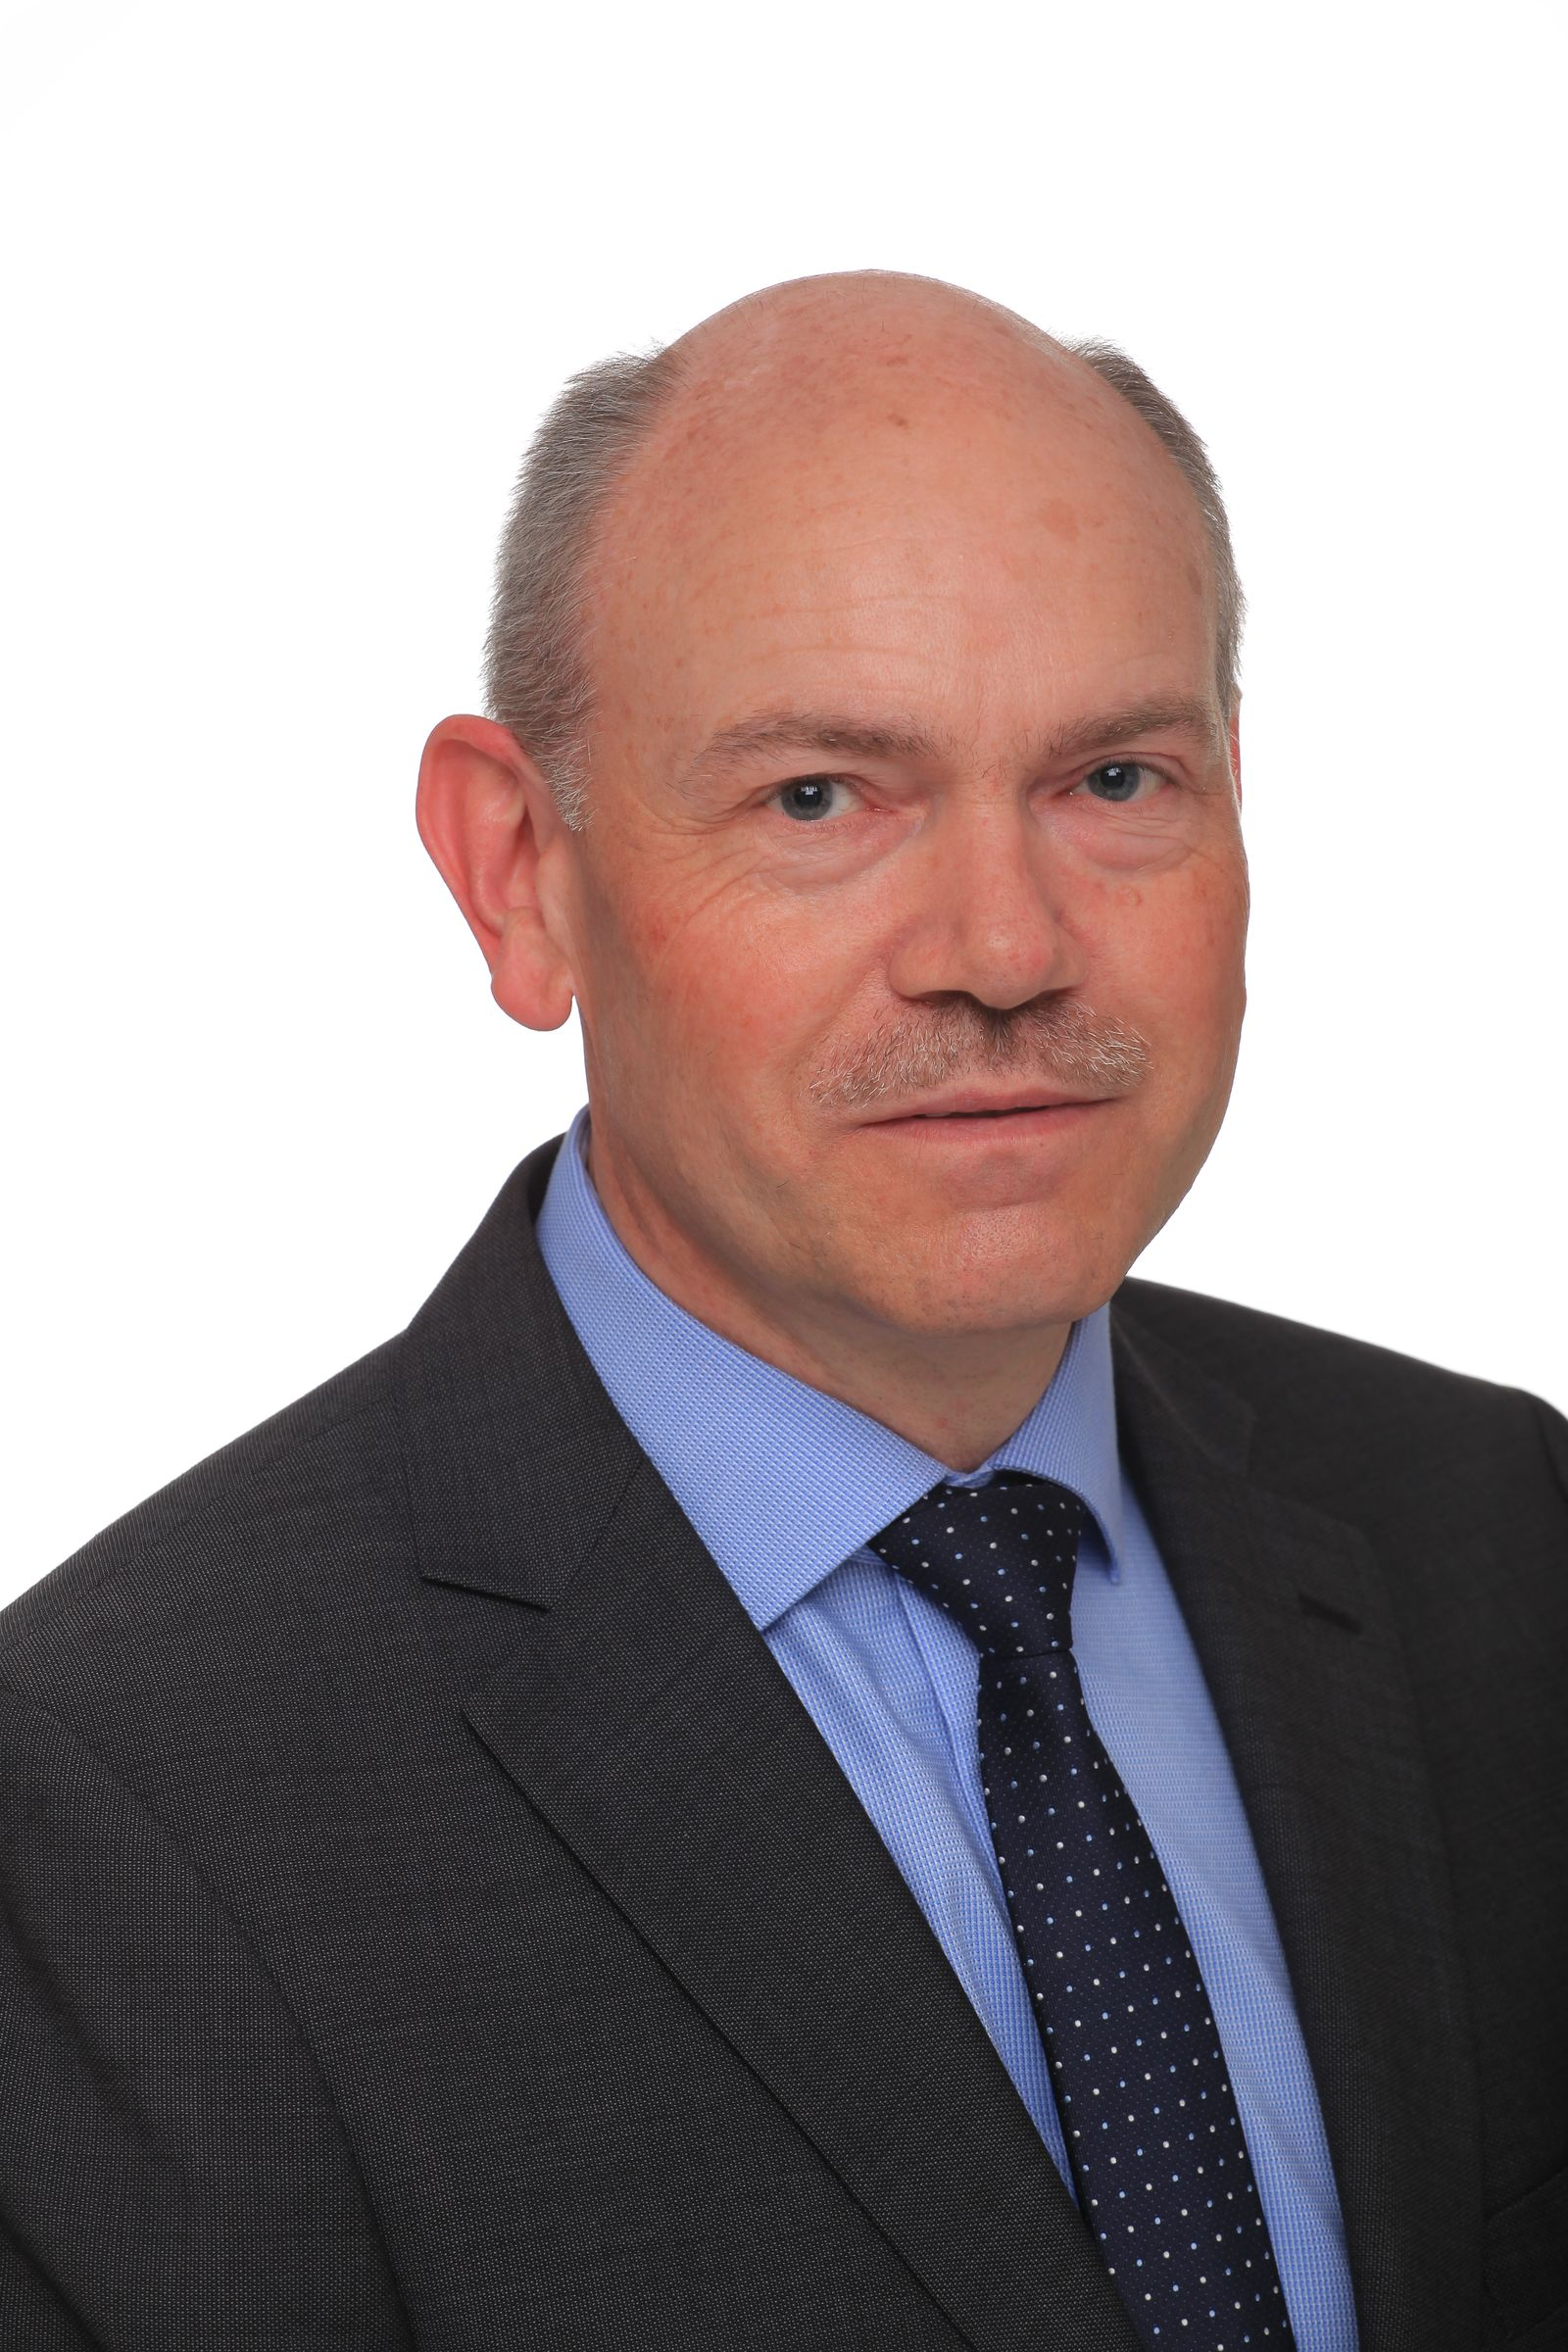 Heinz Zilles